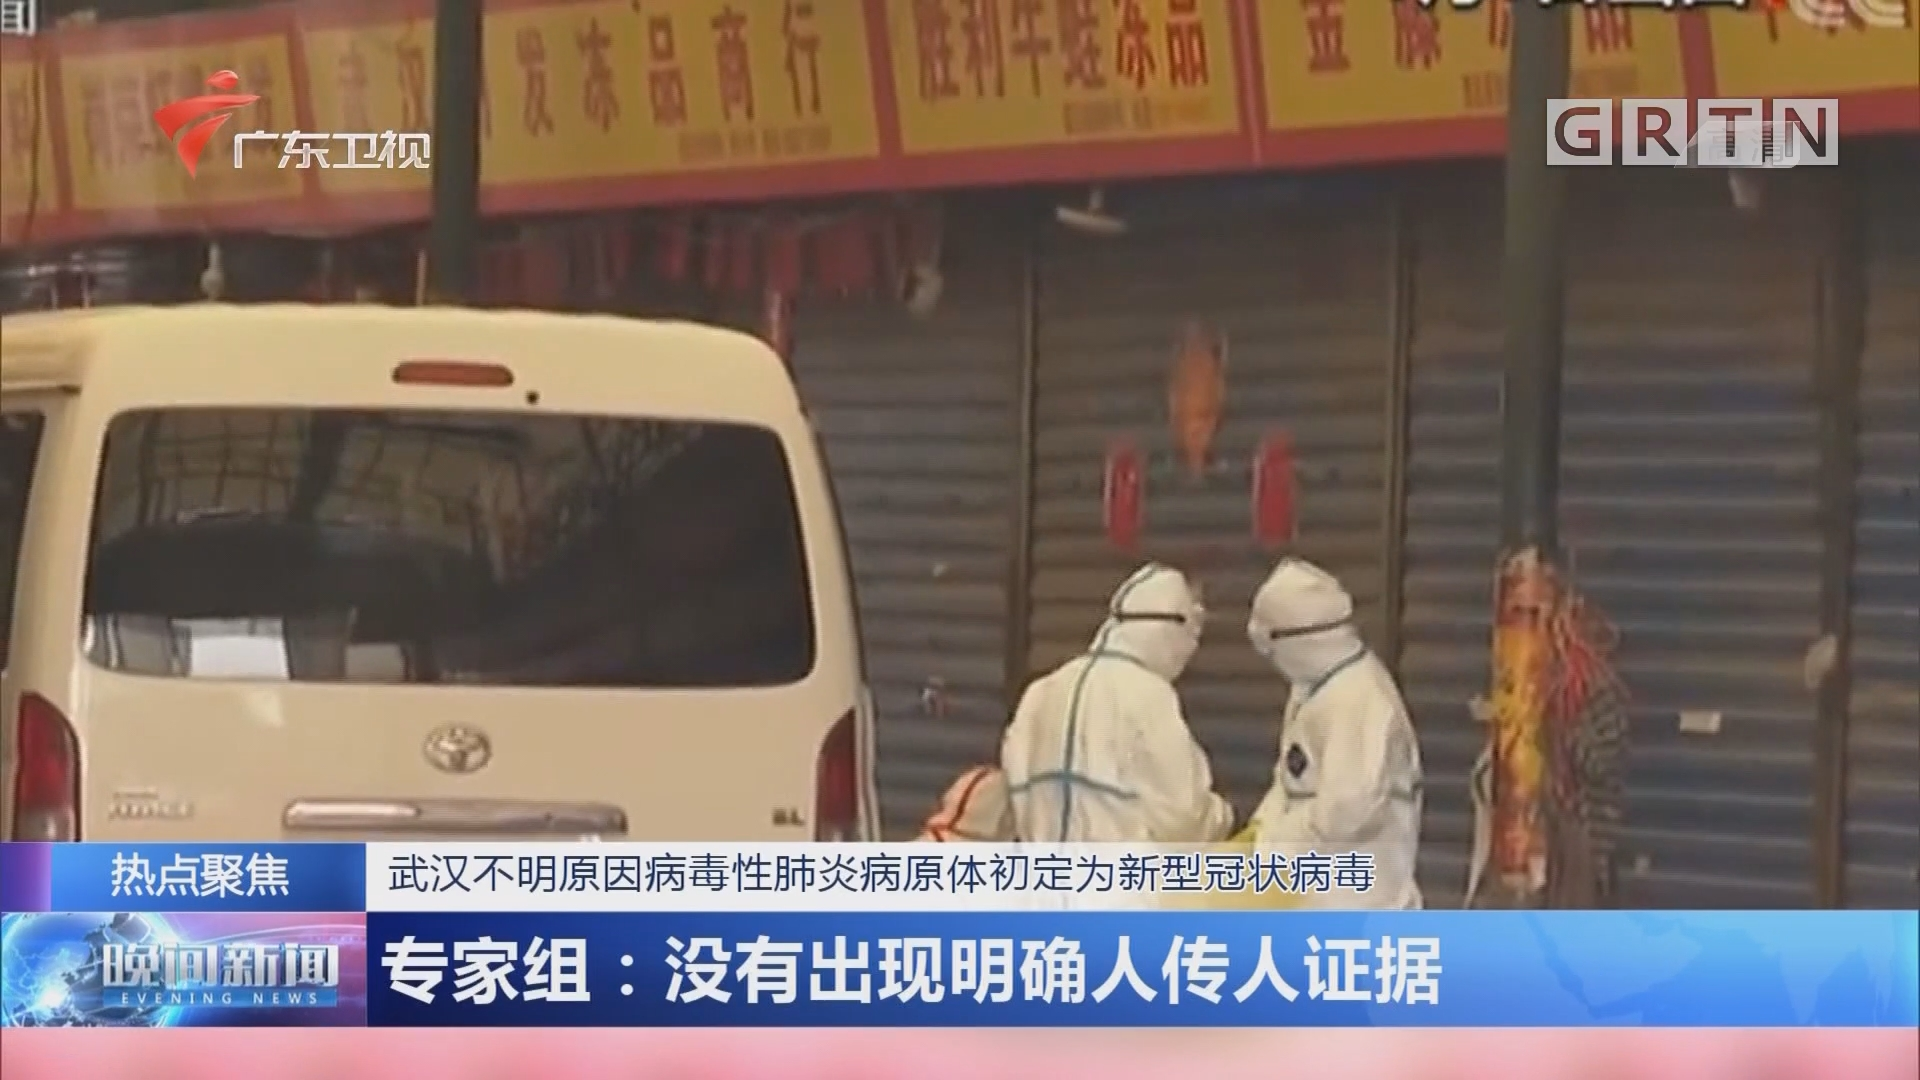 武汉不明原因病毒性肺炎病原体初定为新型冠状病毒 专家组:没有出现明确人传人证据